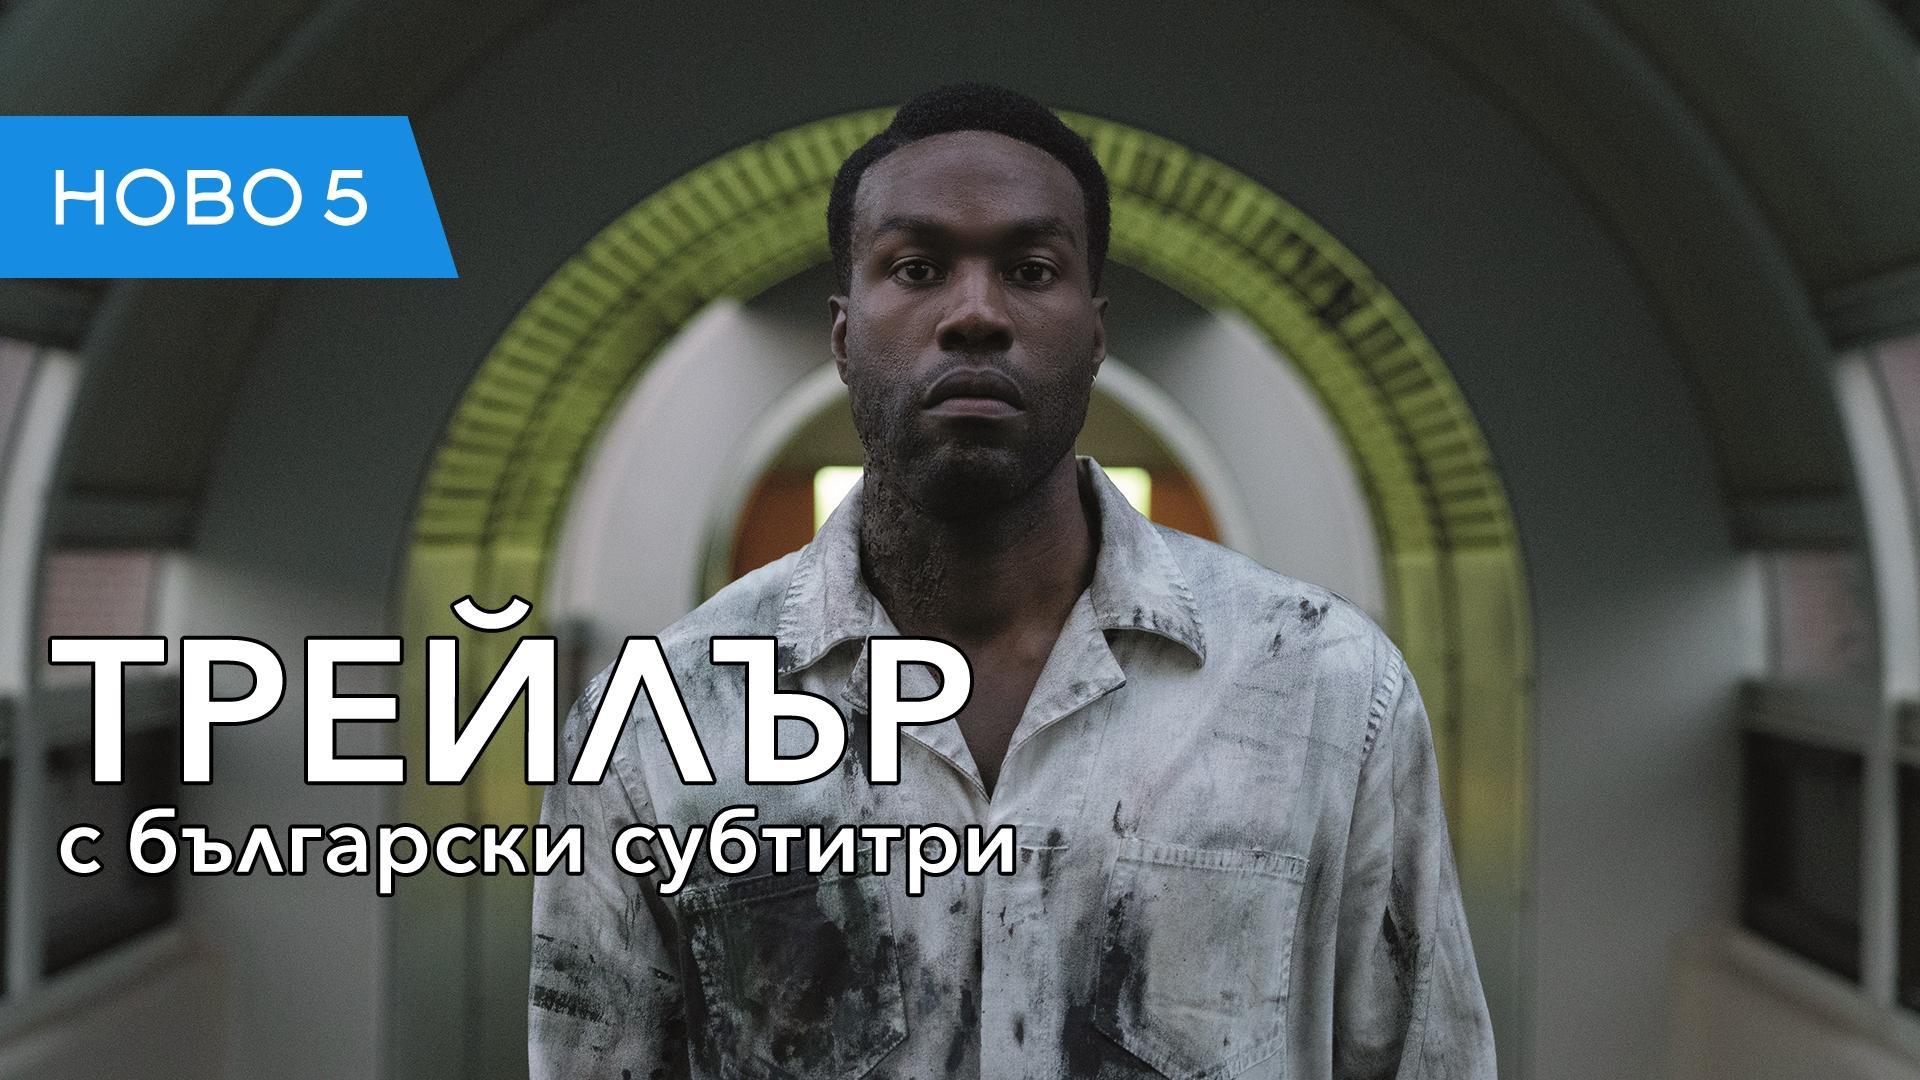 Кендимен (2021) трейлър с български субтитри